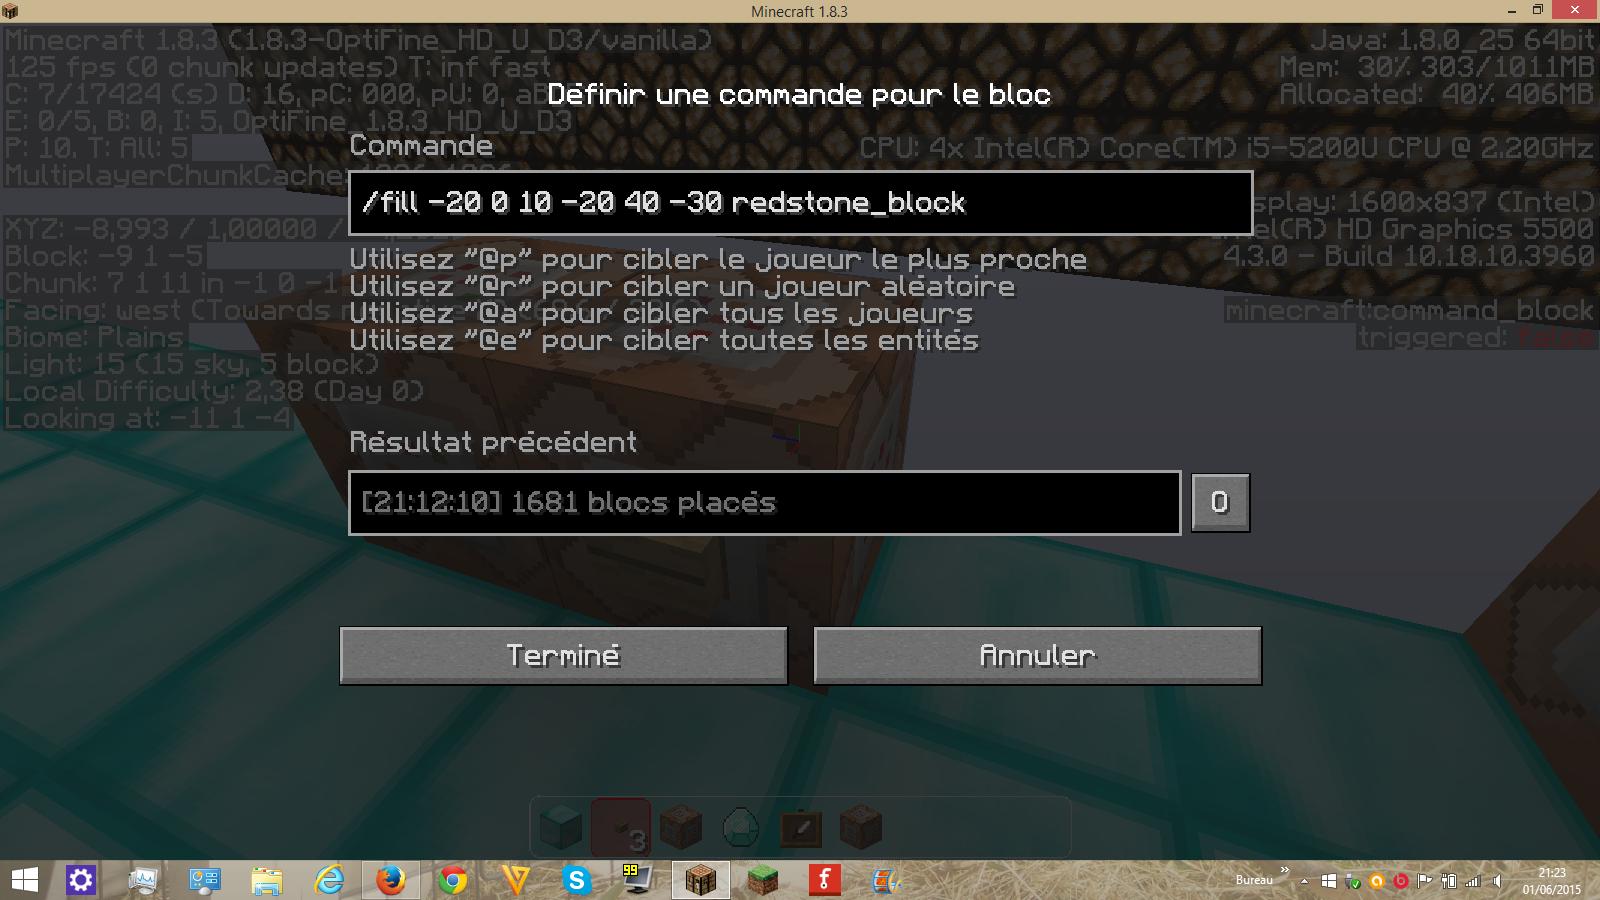 Plusieurs /setblock pour un seul command block | Minecraft fr - Forum